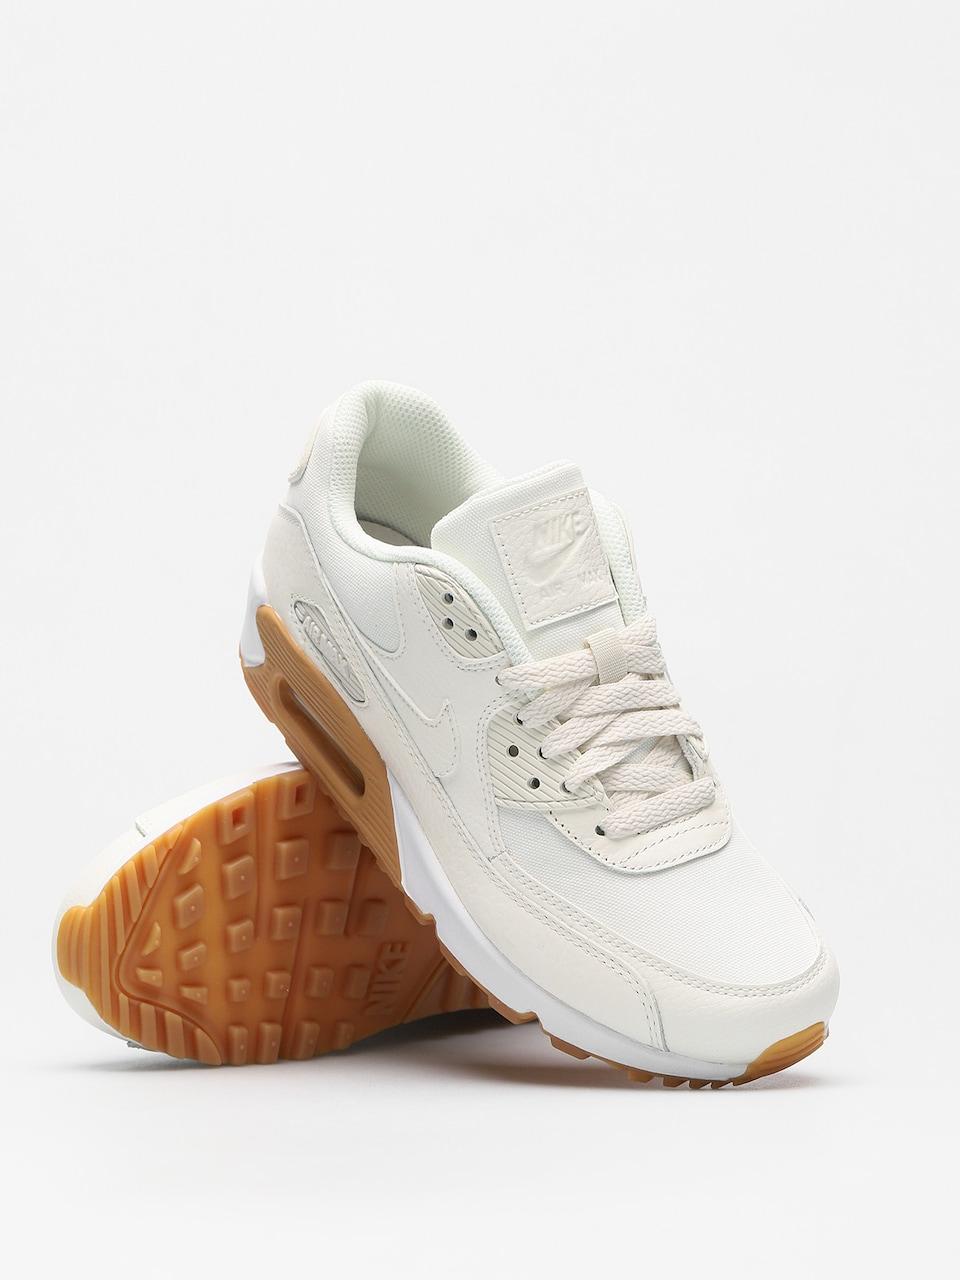 Buty Nike Air Max 90 Premium Wmn (sailsail gum light brown